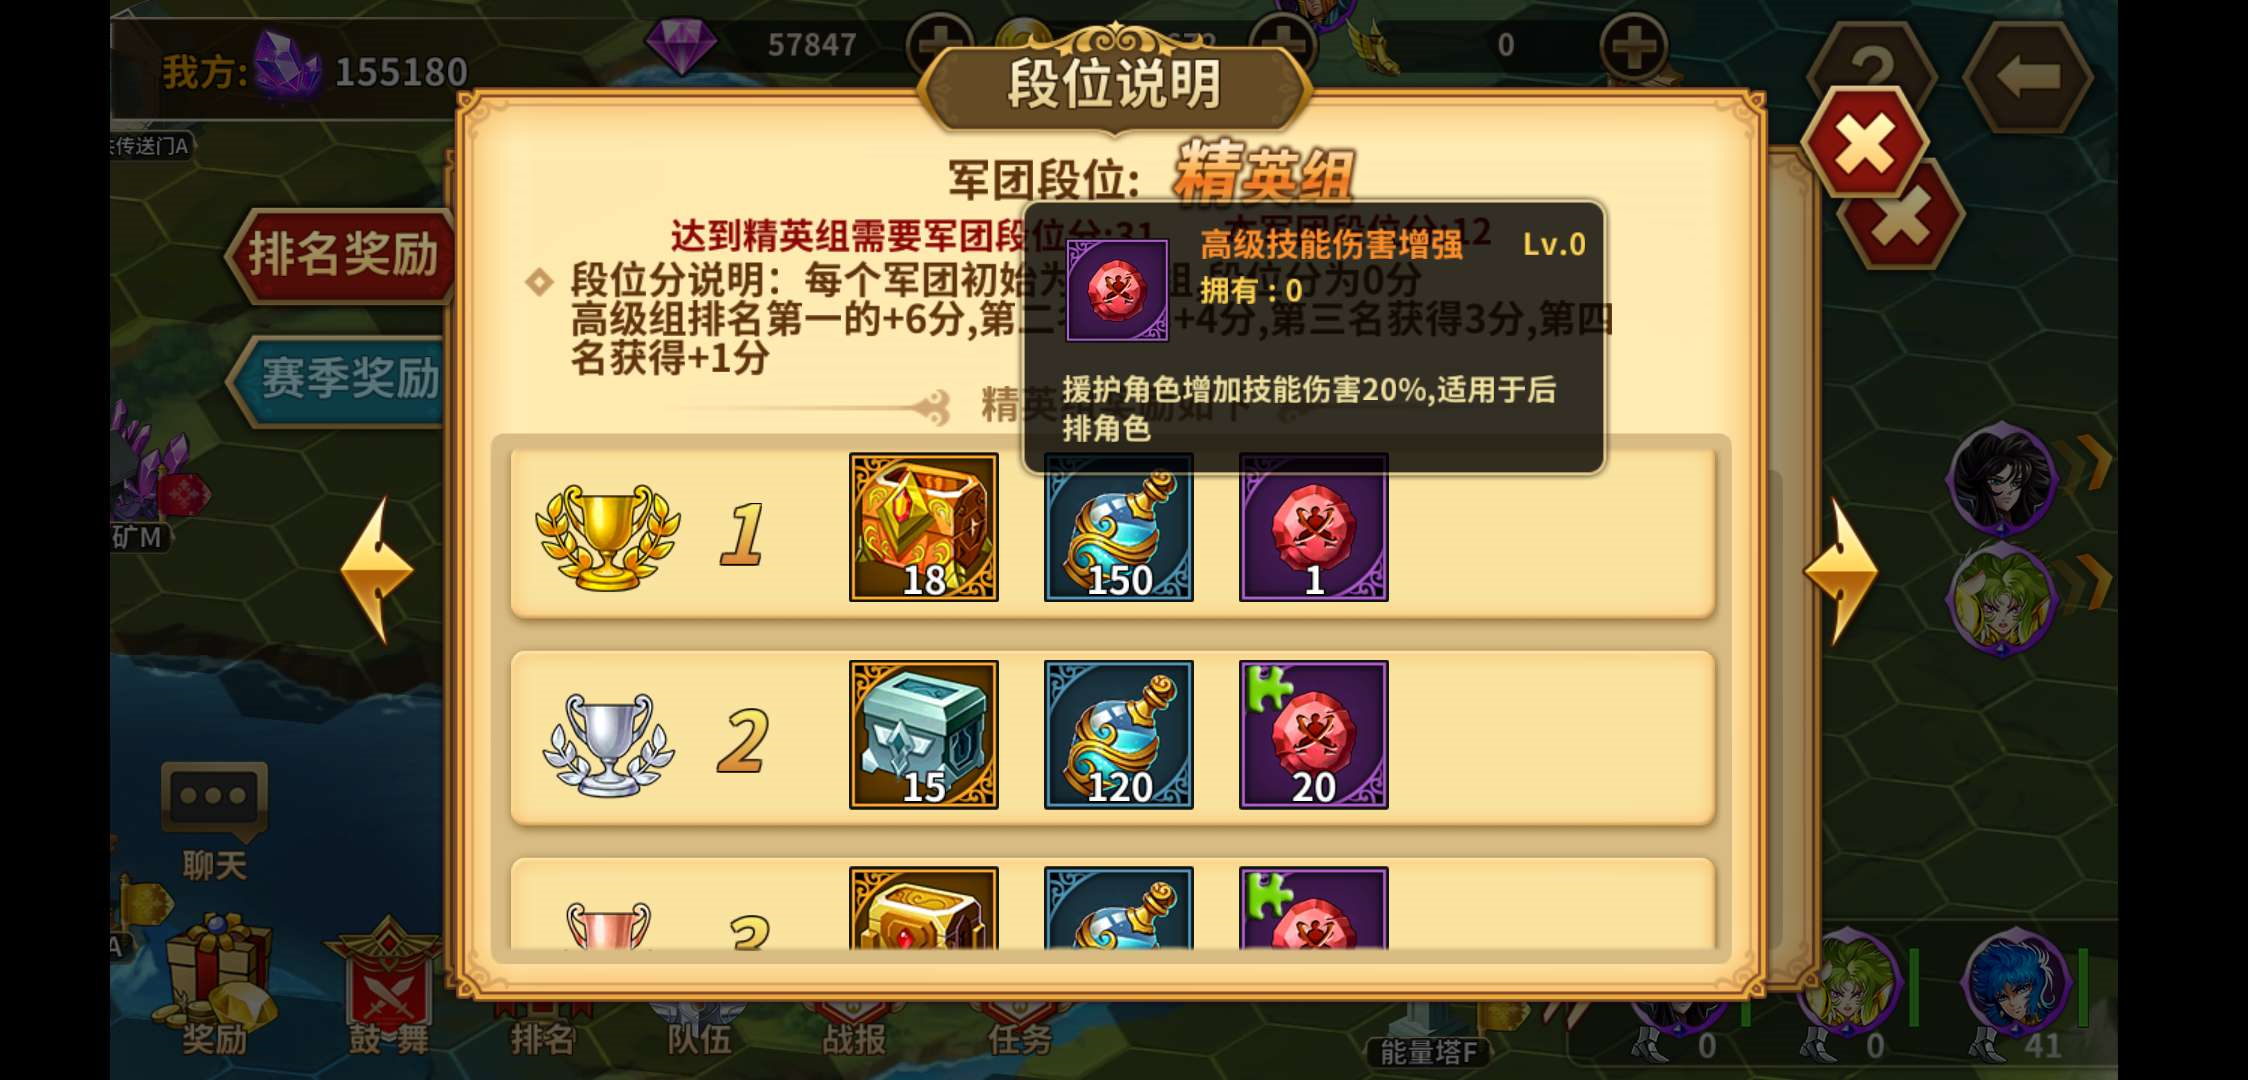 水晶奖励2.png